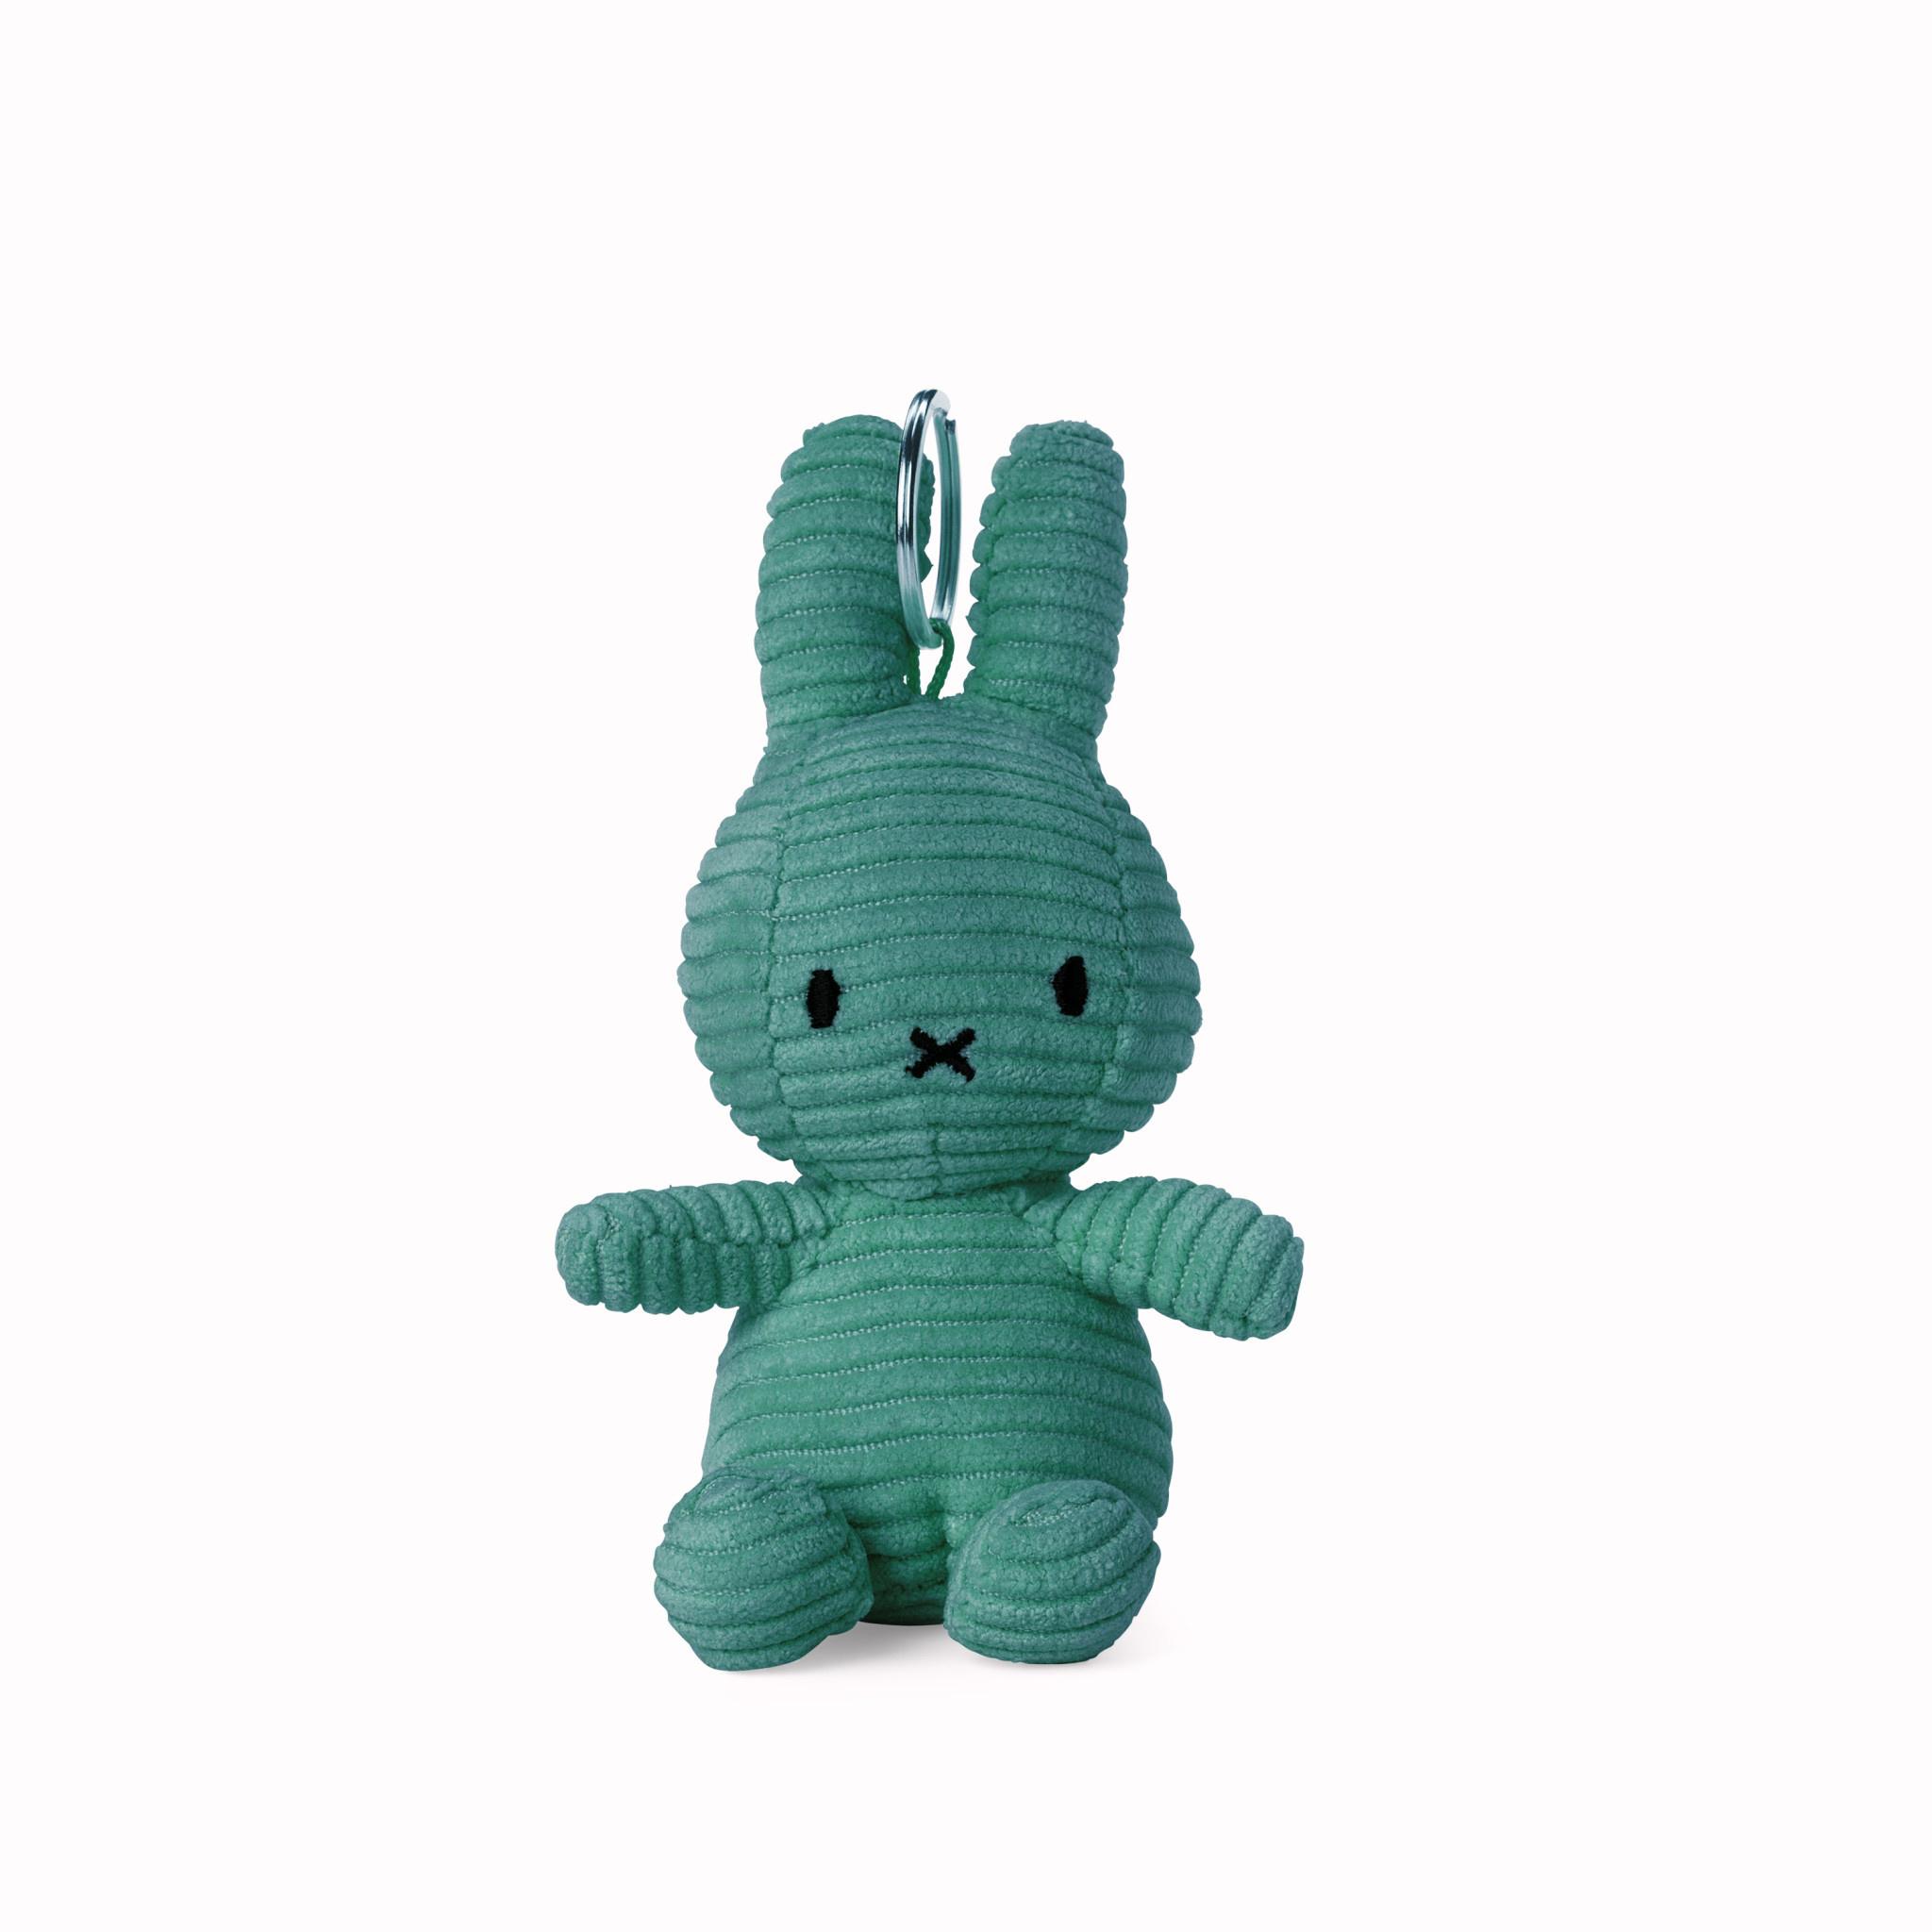 Nijntje/Miffy/Snuffy Miffy Keychain Corduroy Green - 10 cm